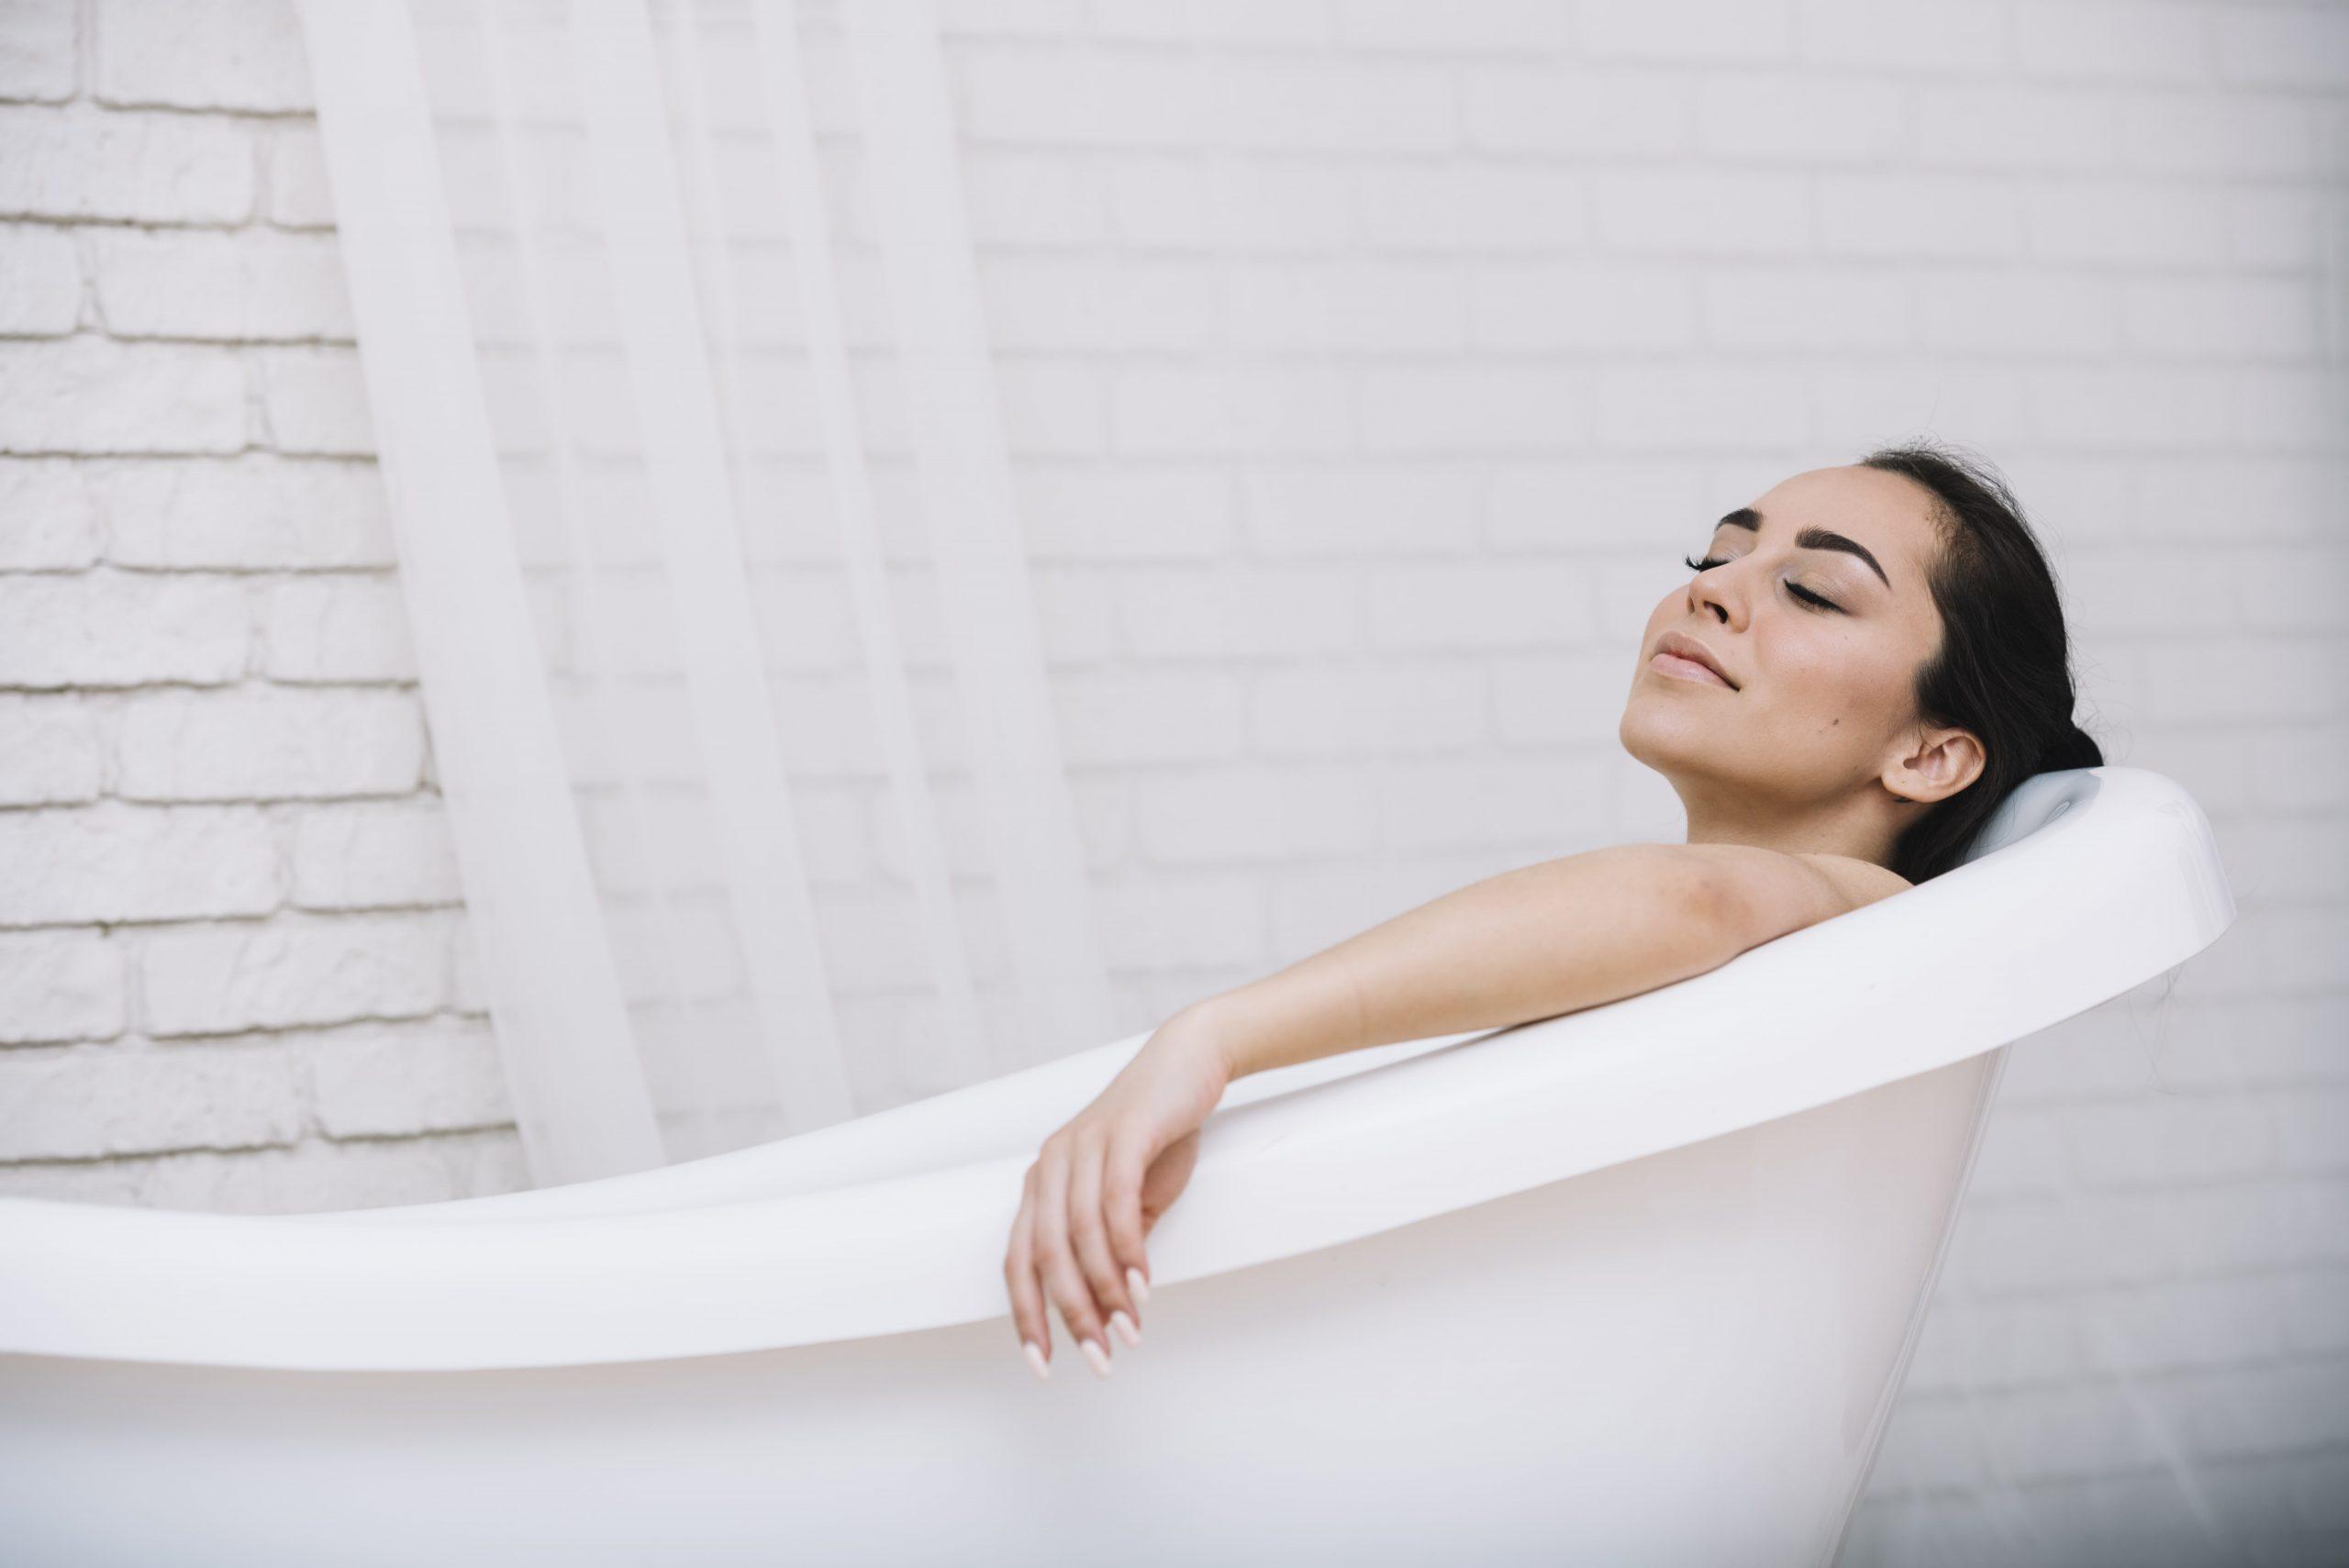 odpoczynek-w-wannie